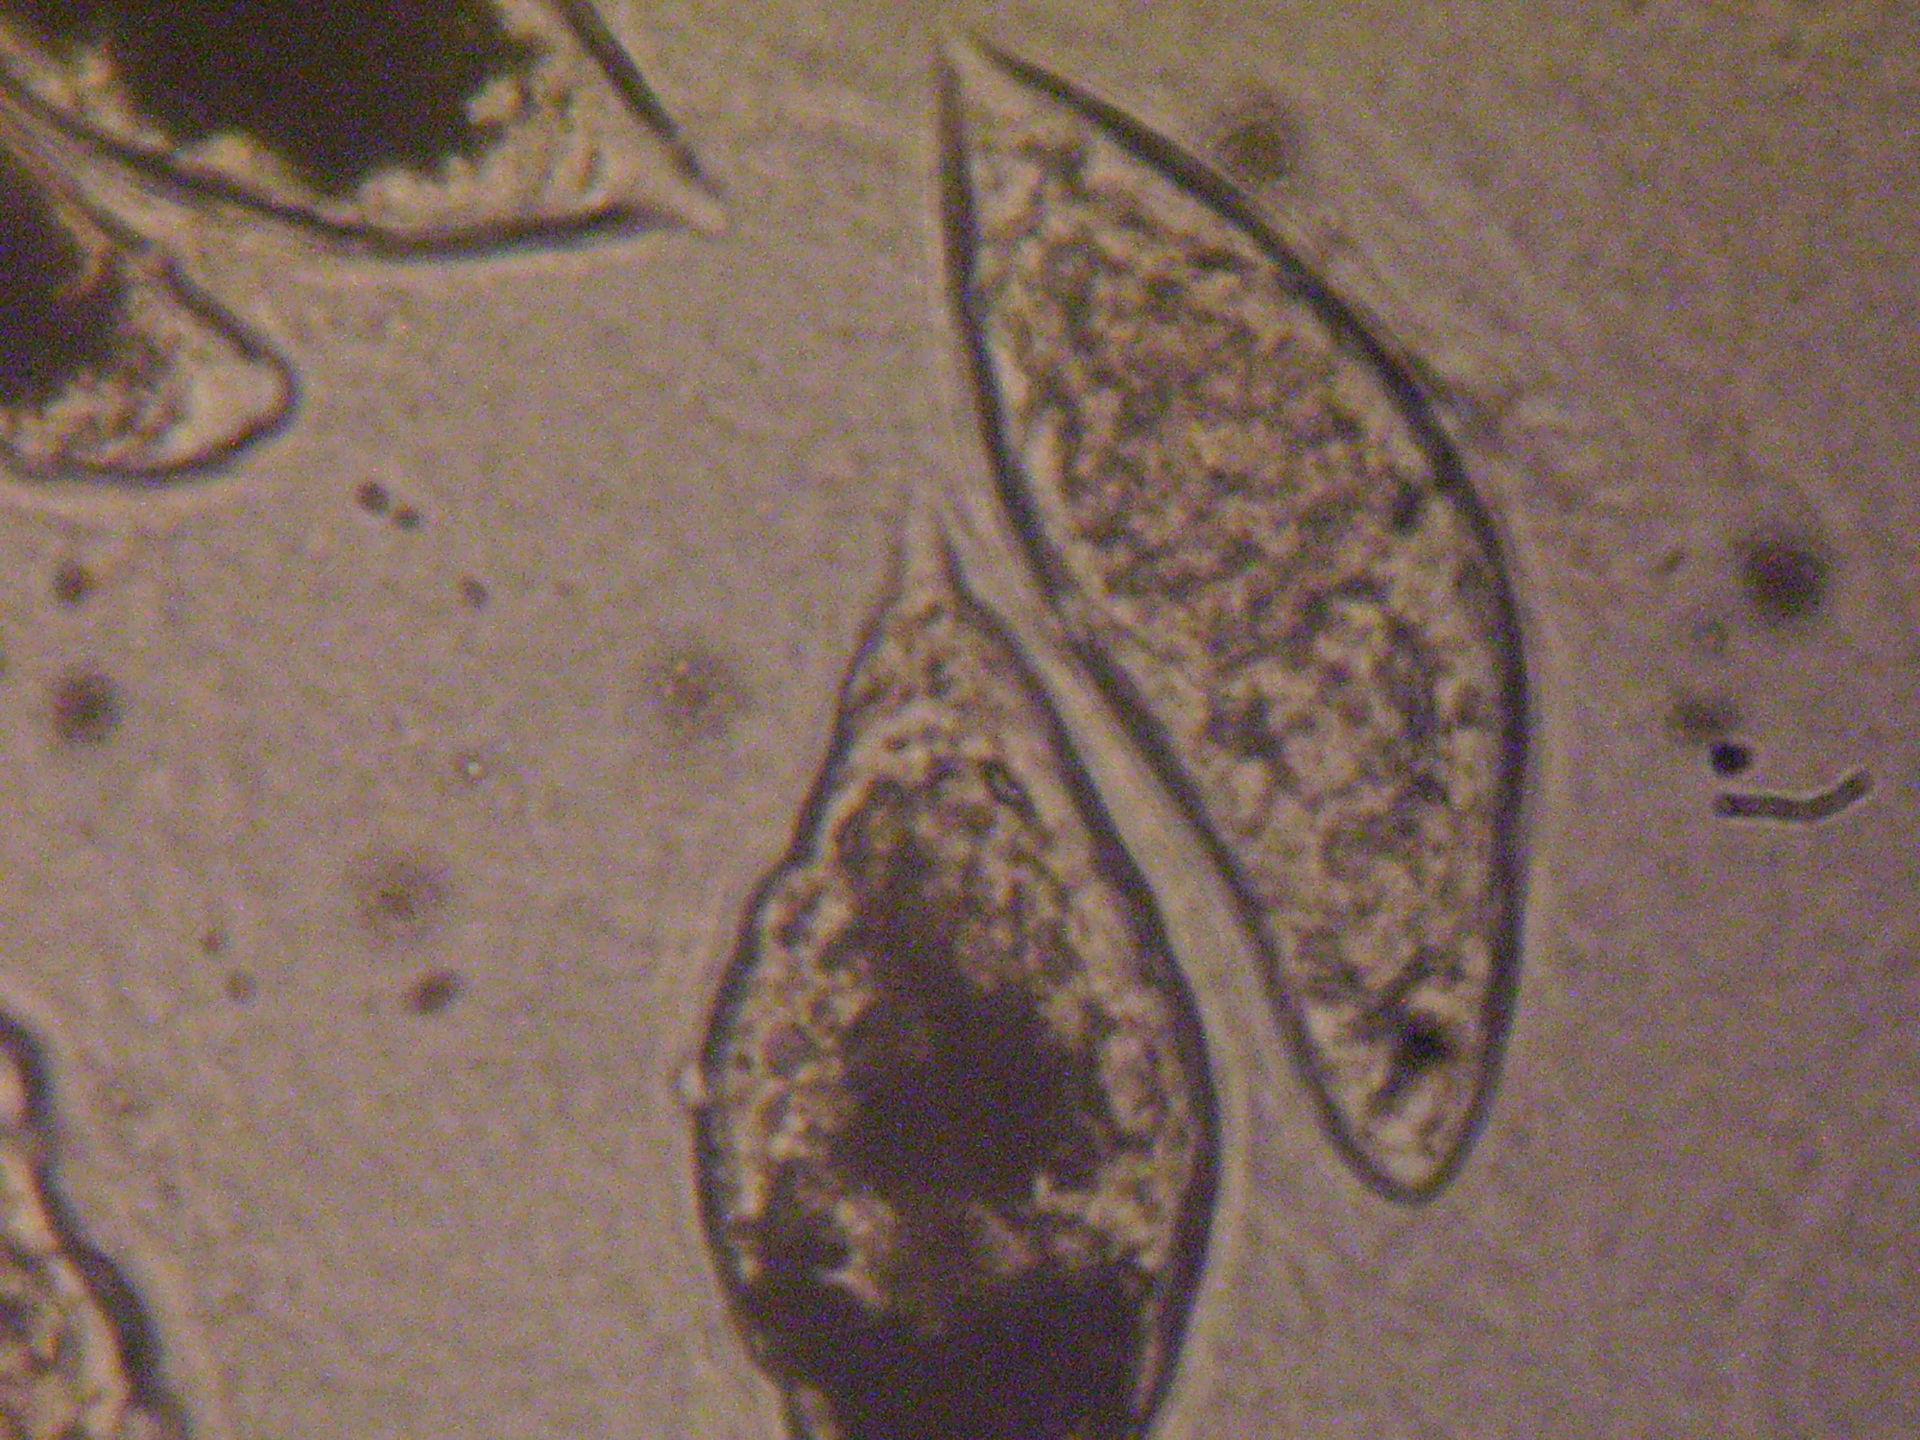 Schistosoma haematobium a